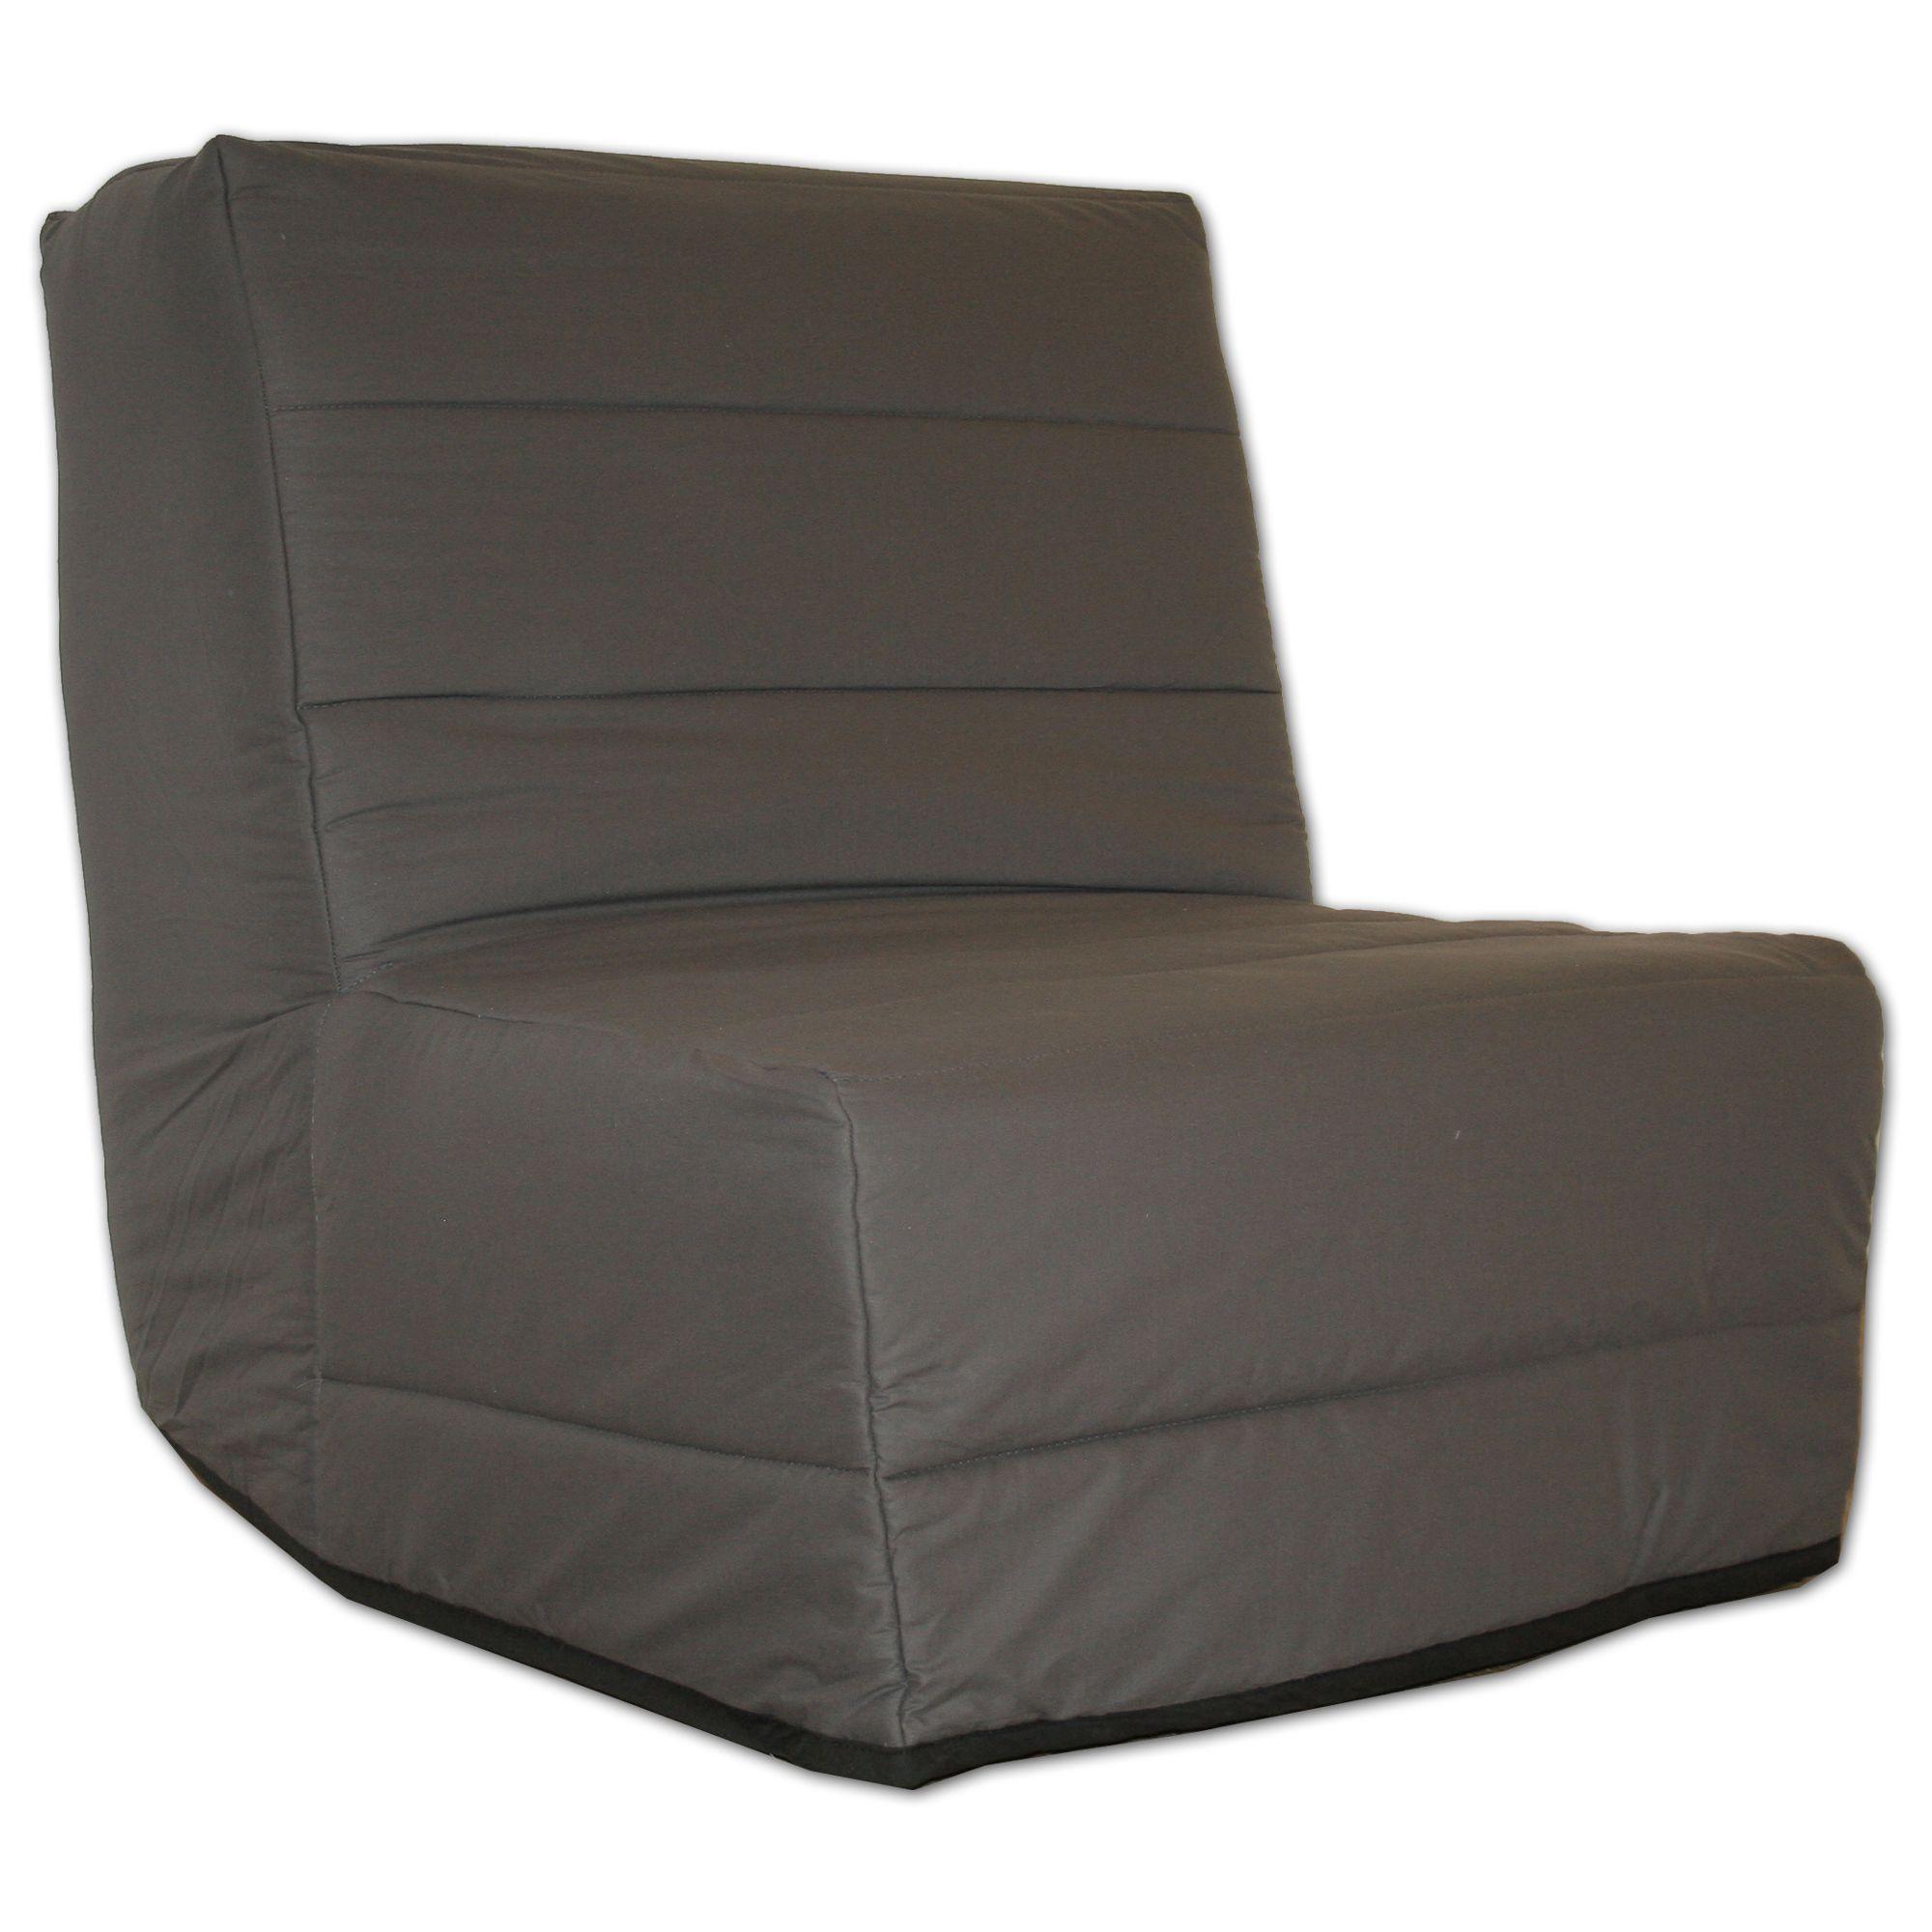 chauffeuse bz 1 place avec housse grise gris bello les chauffeuses fauteuils et - Chauffeuse Bz 1 Place